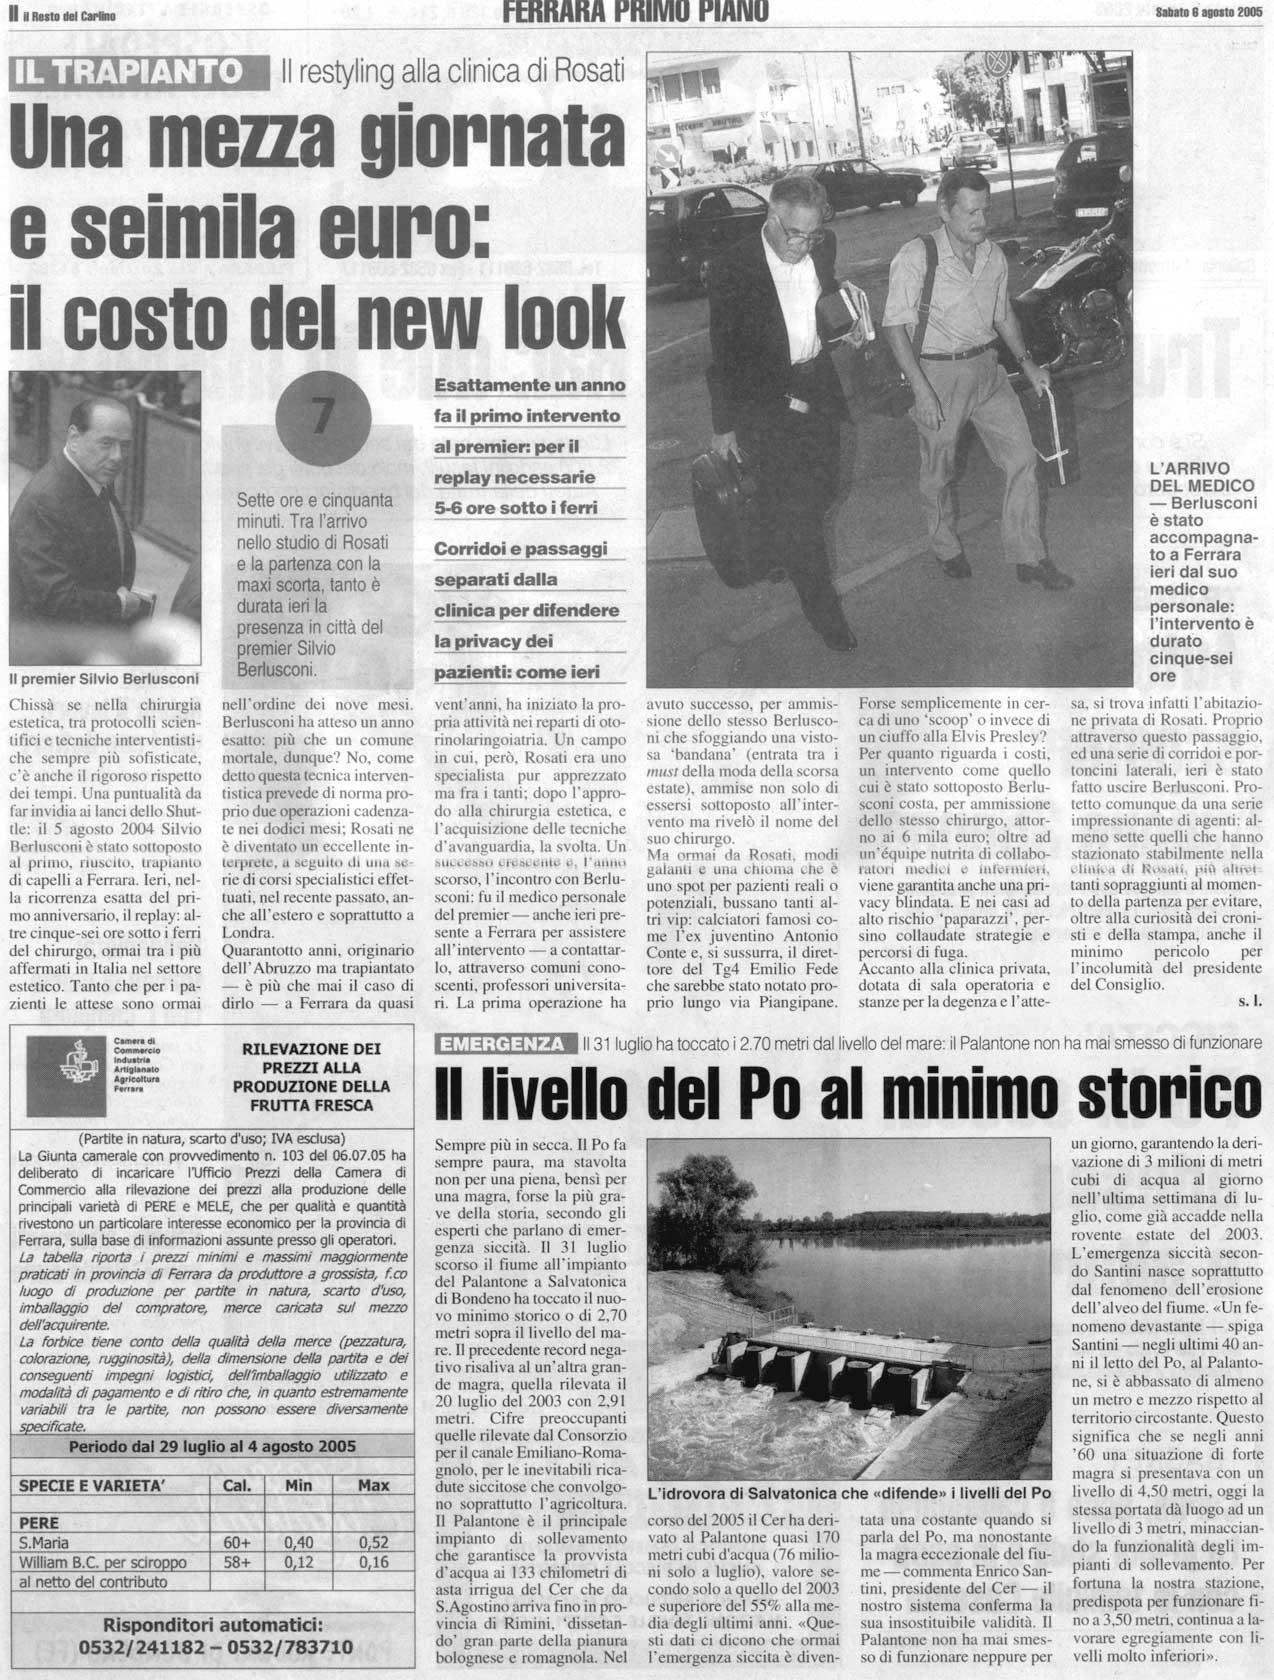 Trapianto bis per Berlusconi - Articolo Il Resto del Carlino 1